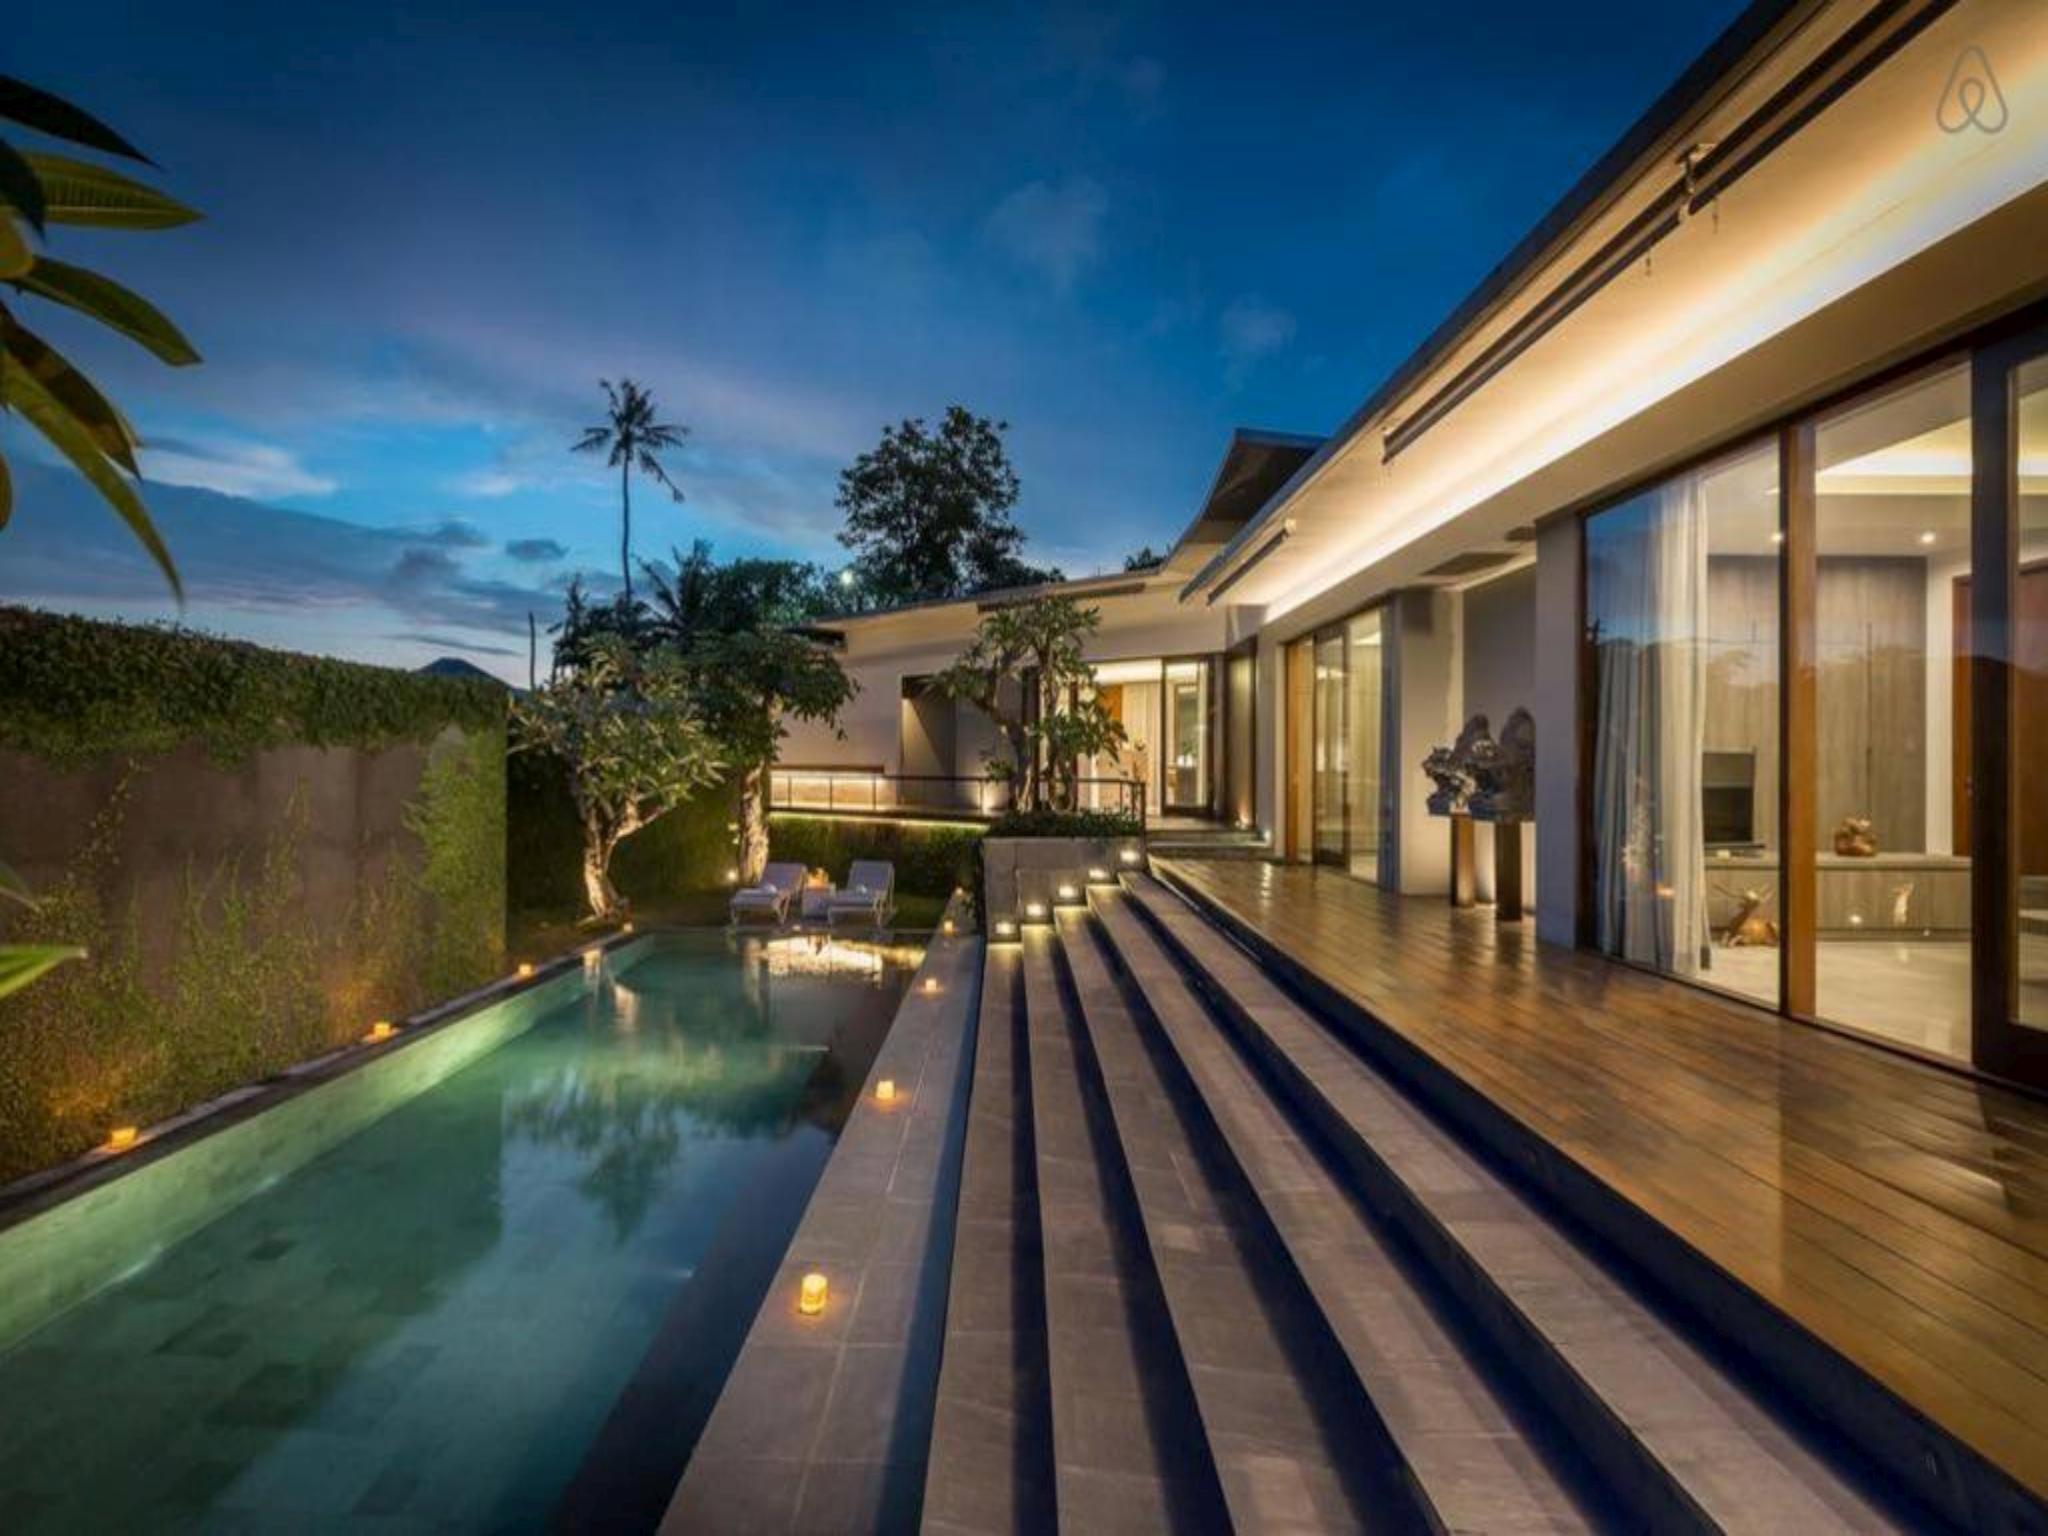 2 Bedroom Green Bali Villa